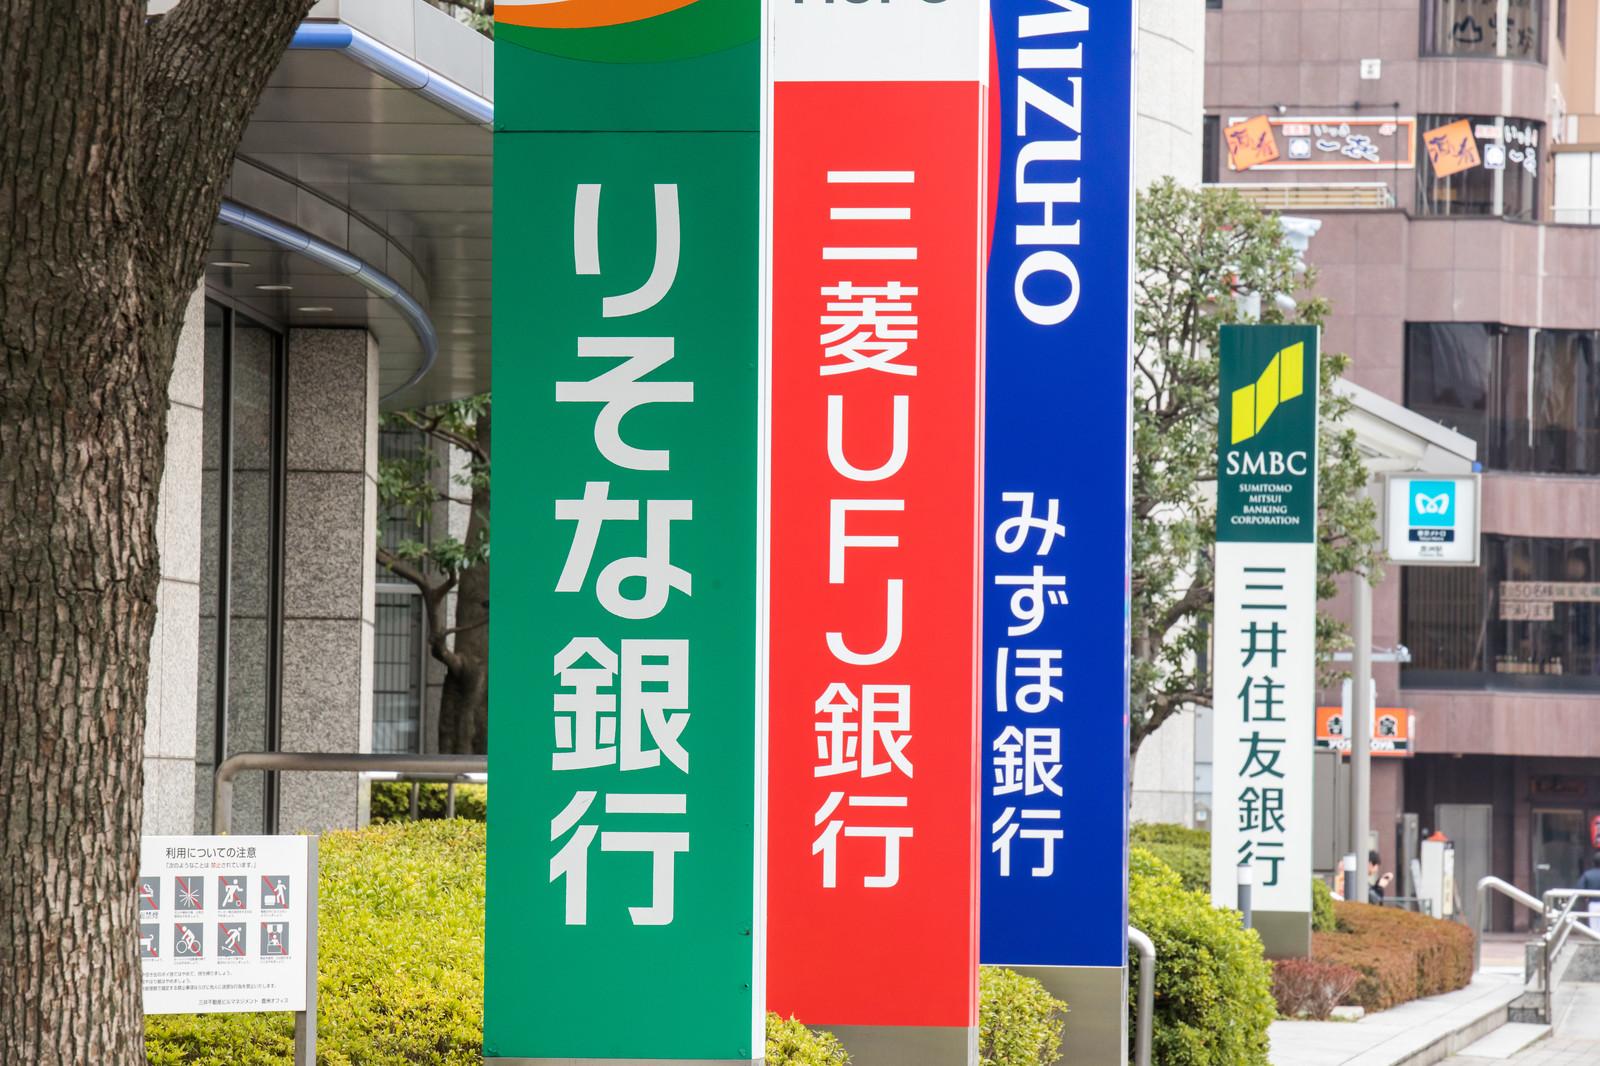 貸金利息、三井住友銀が4940.53億円でトップ総額17.73%減の3.34兆円、増加機関は29機関に